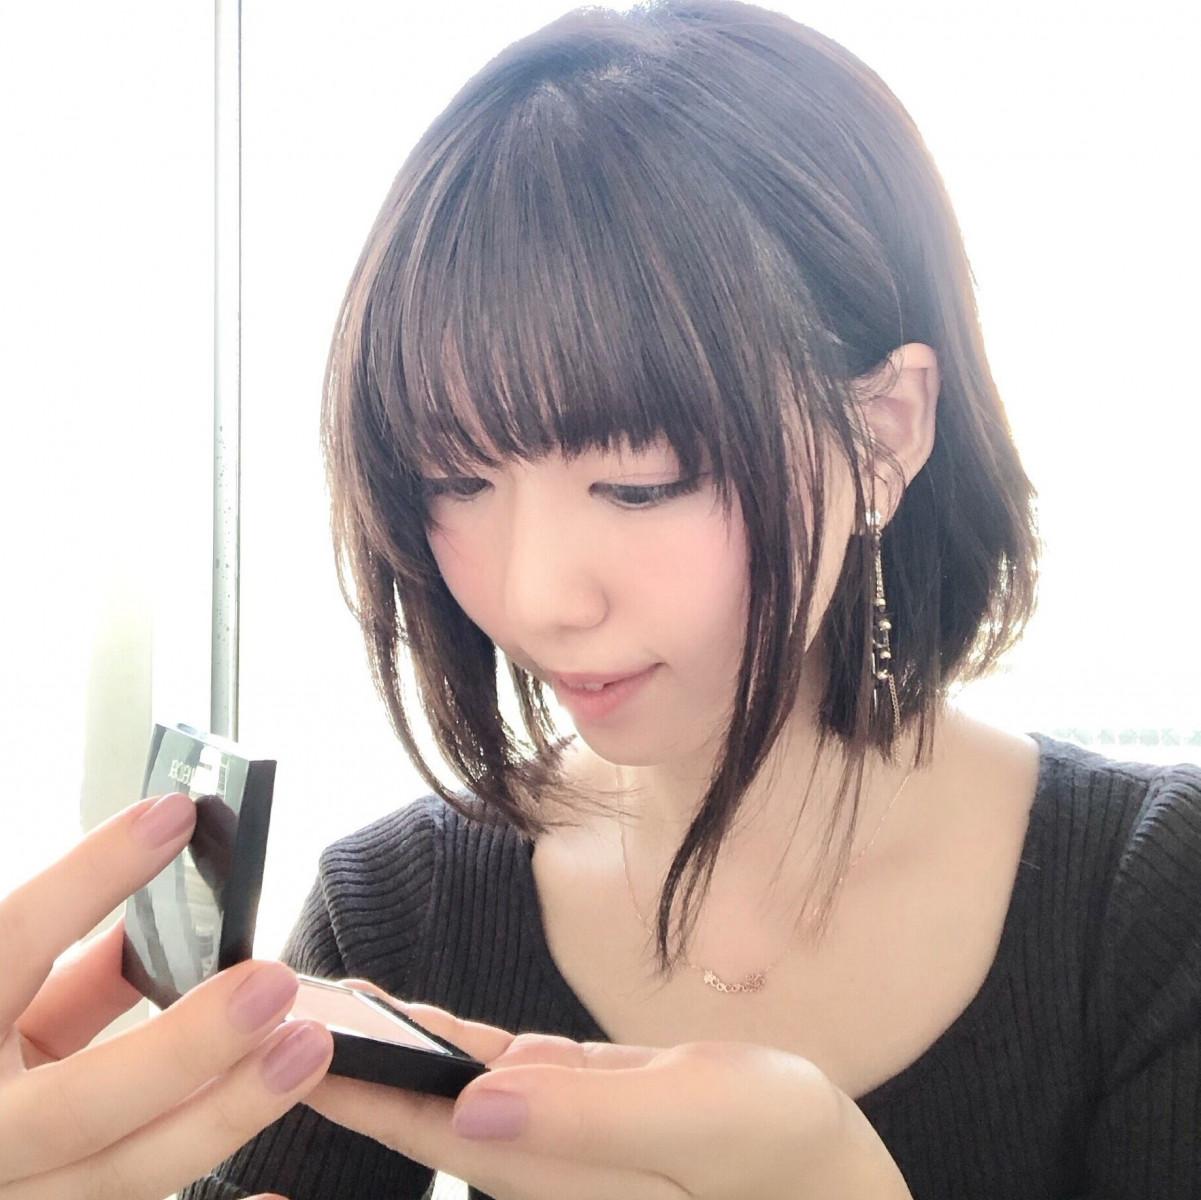 adce5f4cf8d0 都内でリモート勤務を活用しながら働く元会社員・現フリーランサーです。 美容ライターとしても活動しています。